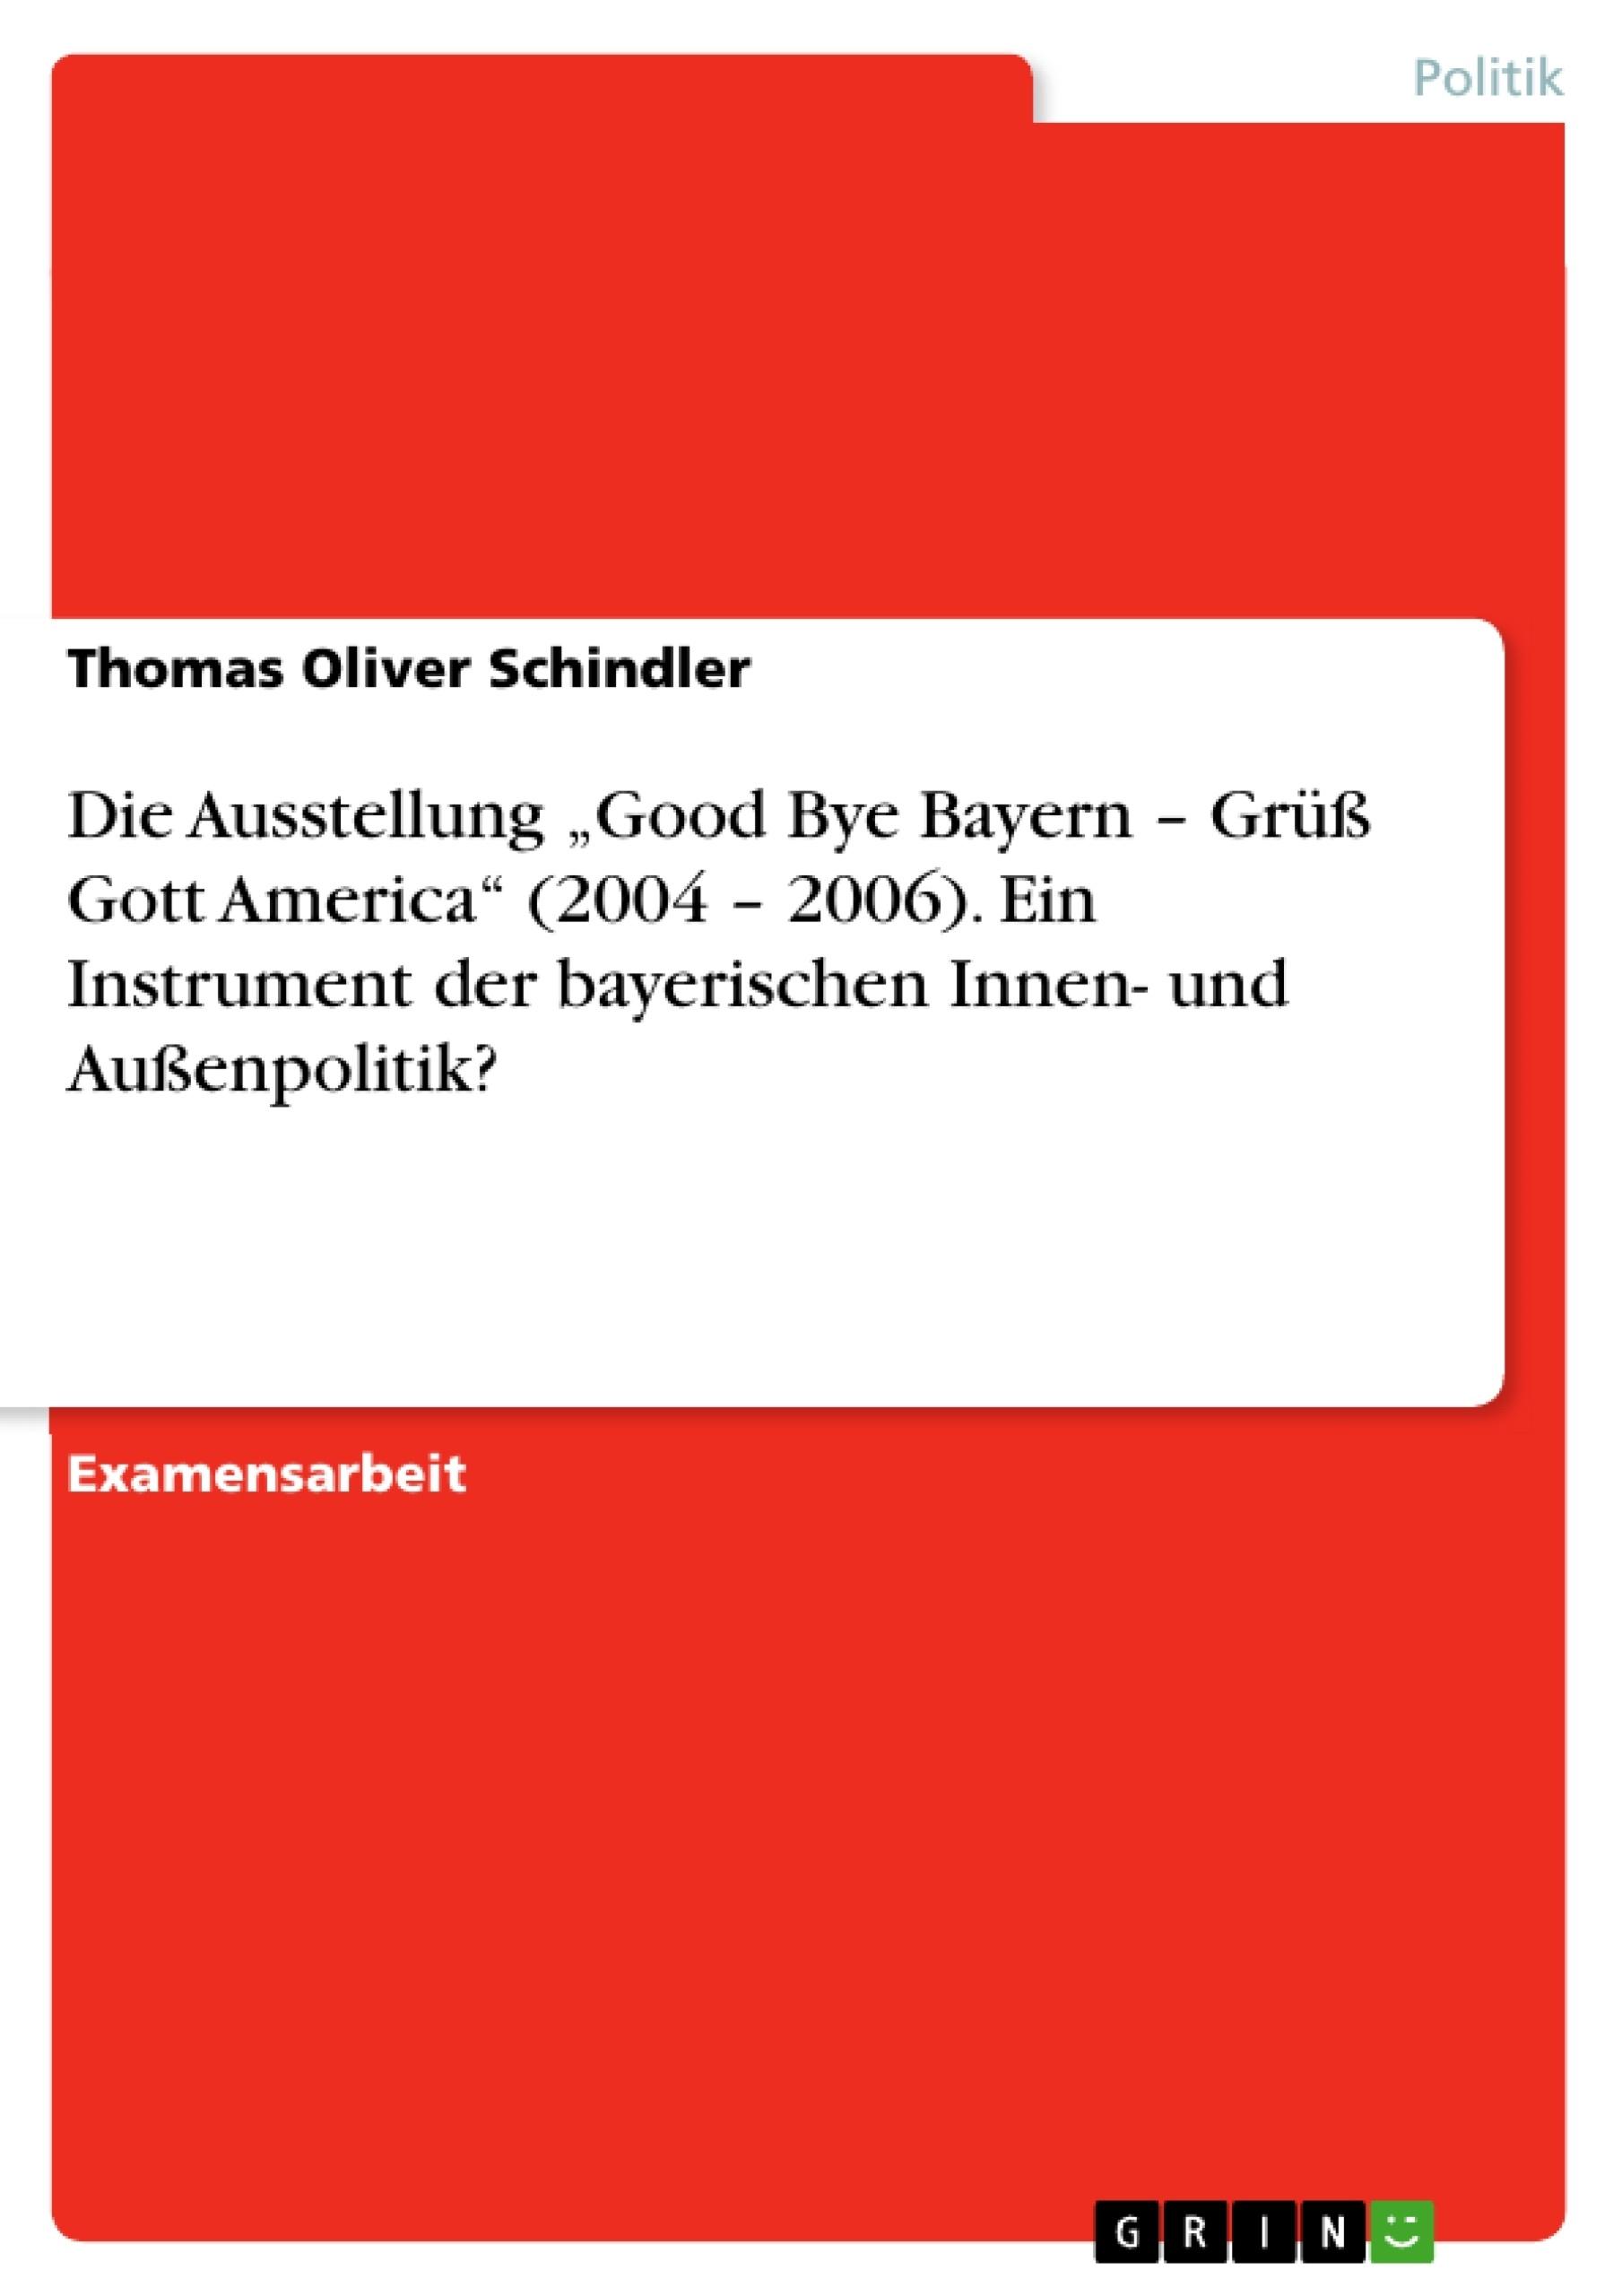 """Titel: Die Ausstellung """"Good Bye Bayern – Grüß Gott America"""" (2004 – 2006). Ein Instrument der bayerischen Innen- und Außenpolitik?"""